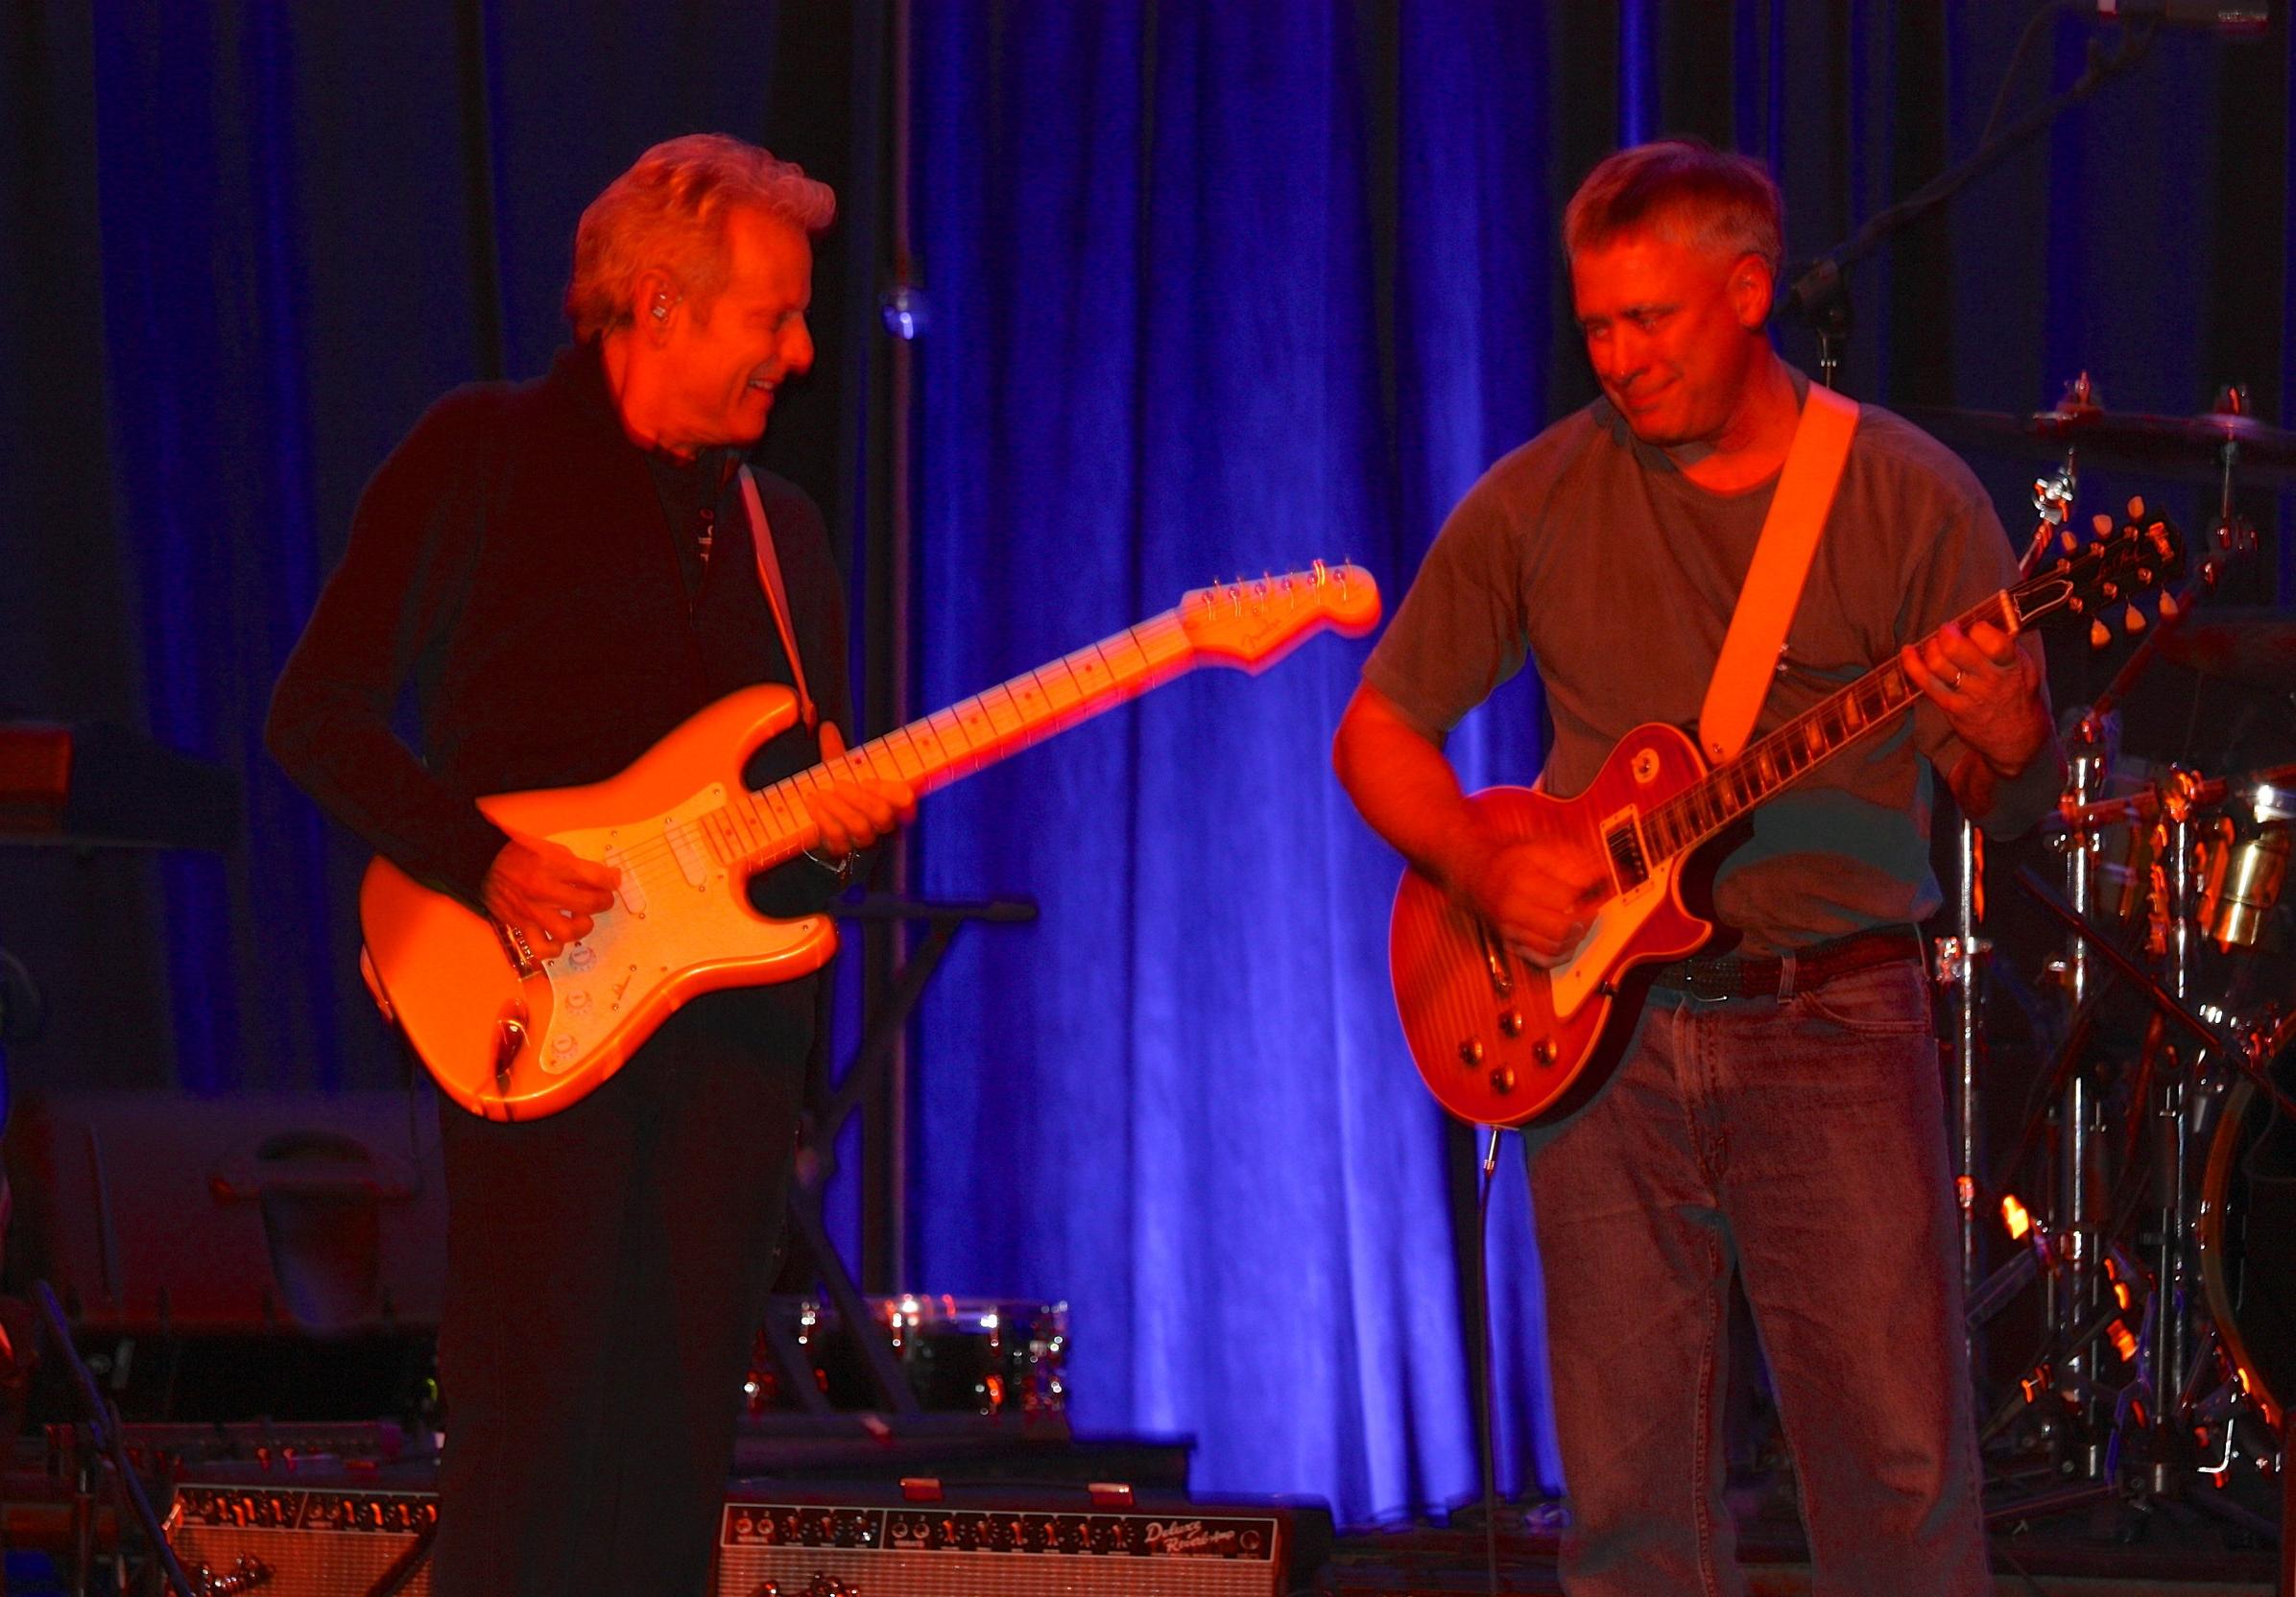 Felder & Daly